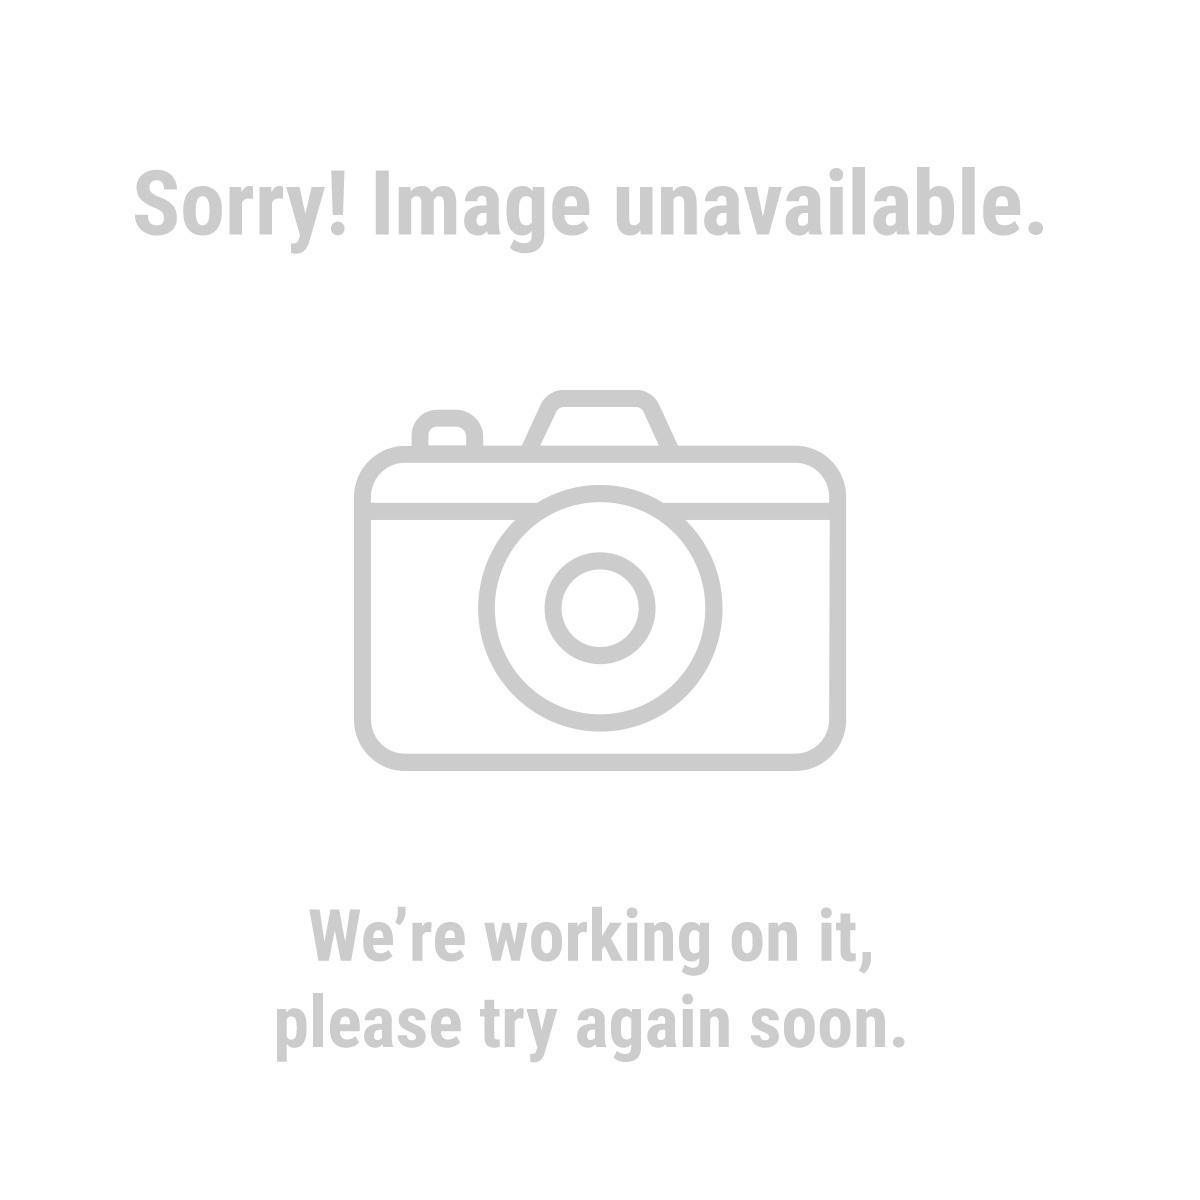 Haul-Master 62487 LED Trailer Light Kit